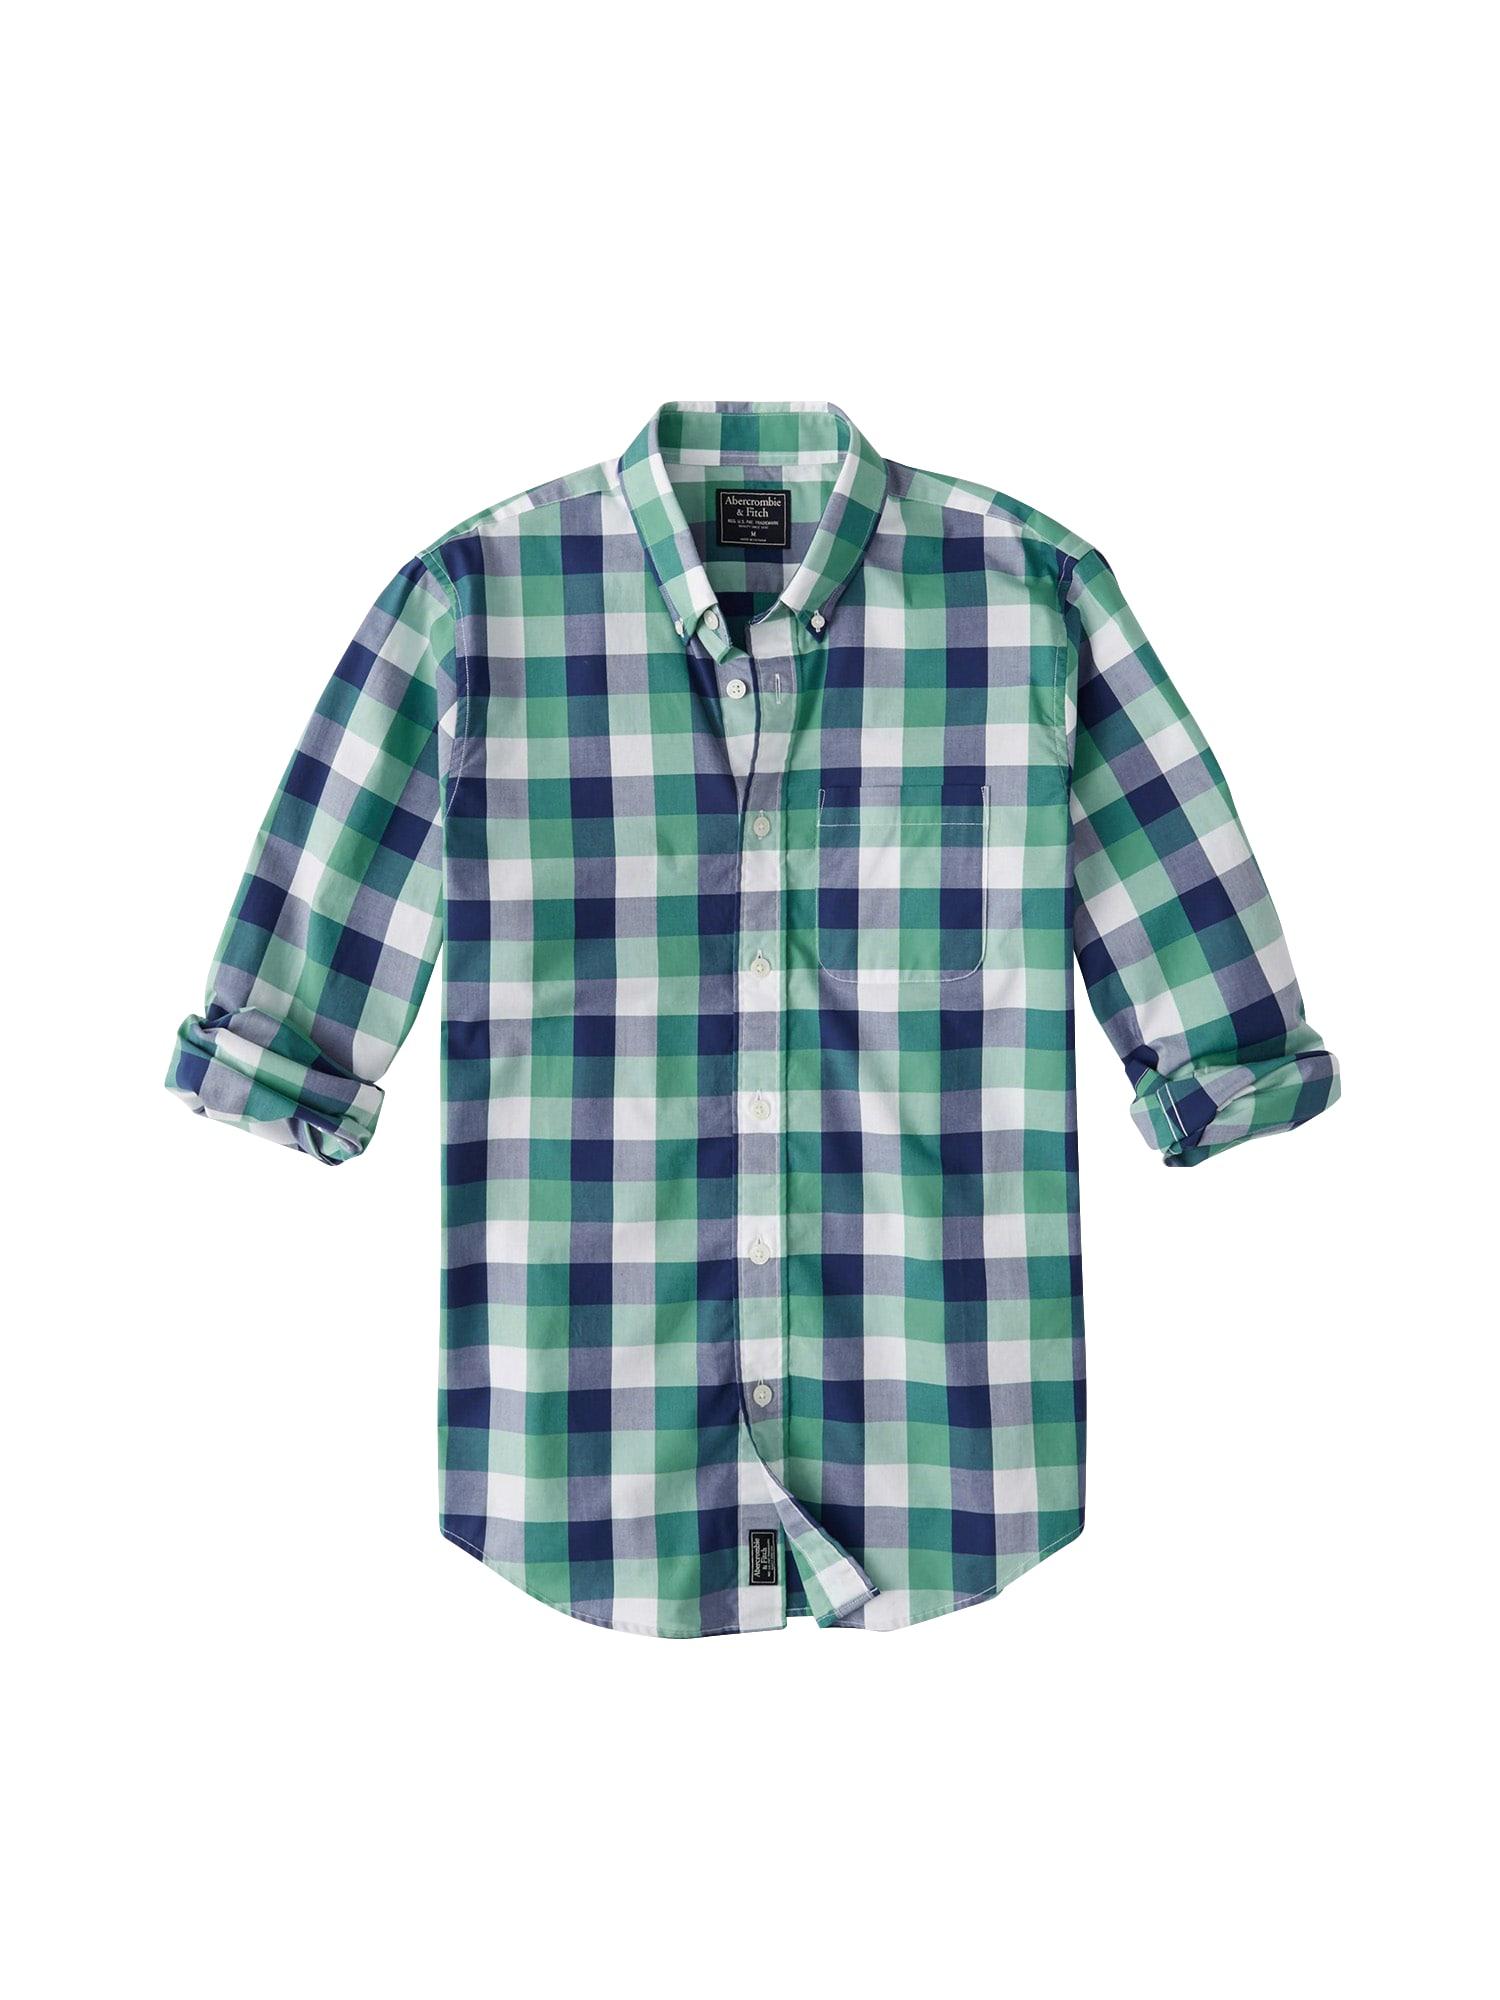 Košile CHECK POPLIN TRO zelená Abercrombie & Fitch